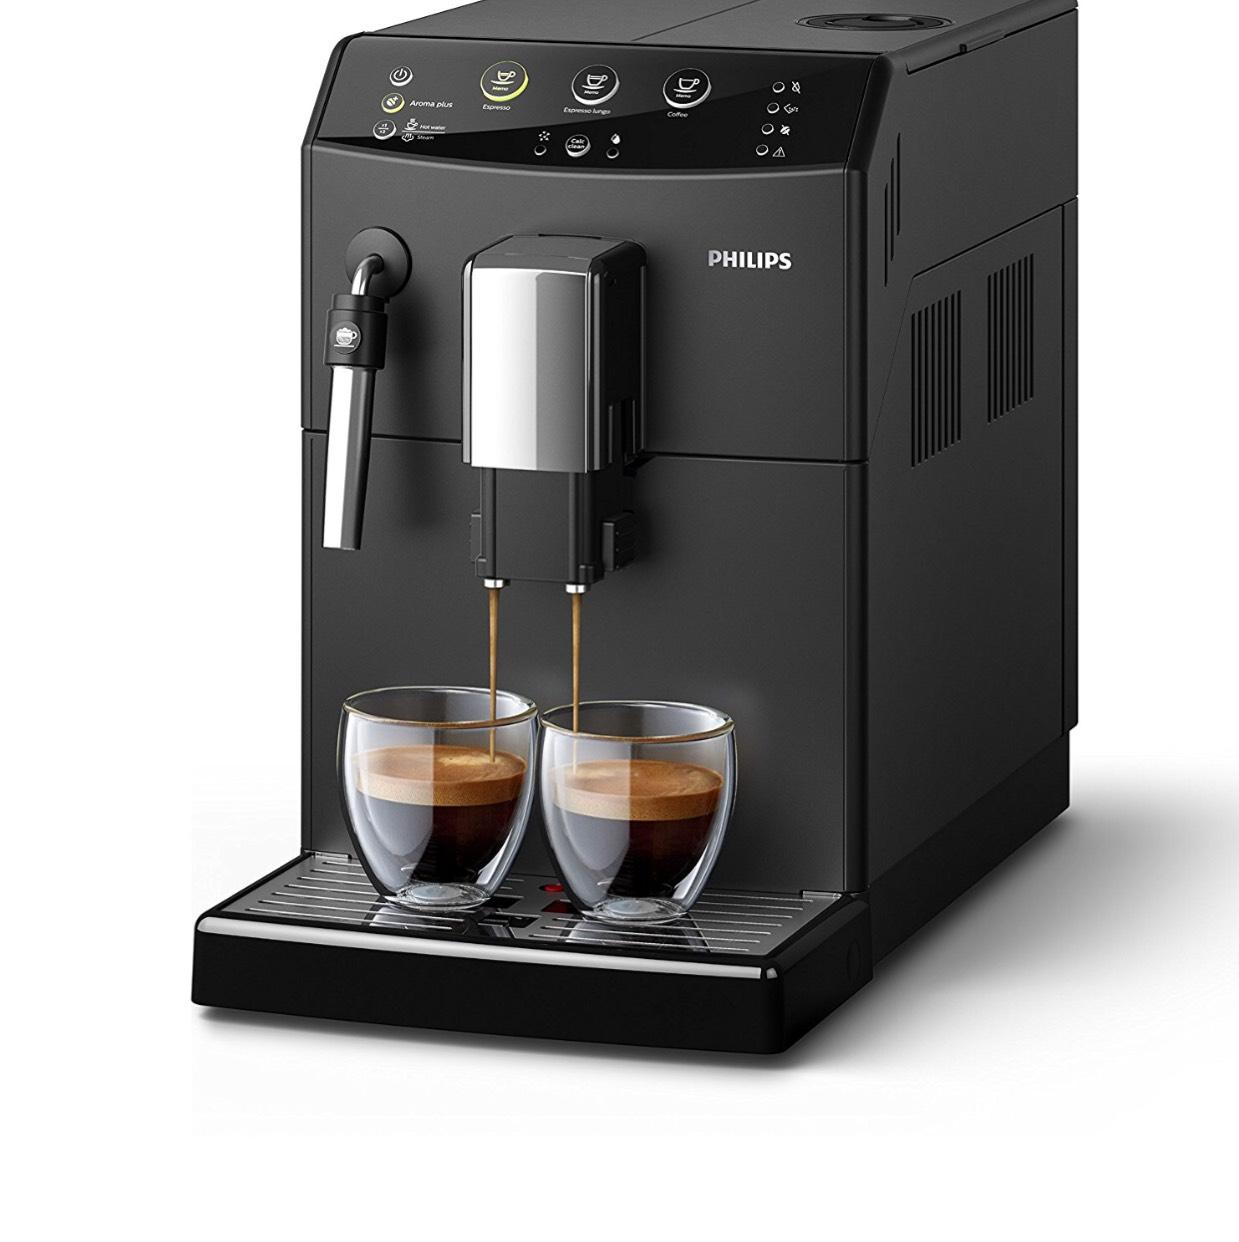 Philips HD8827/01 koffiezetapparaat voor €249 @ Amazon.de